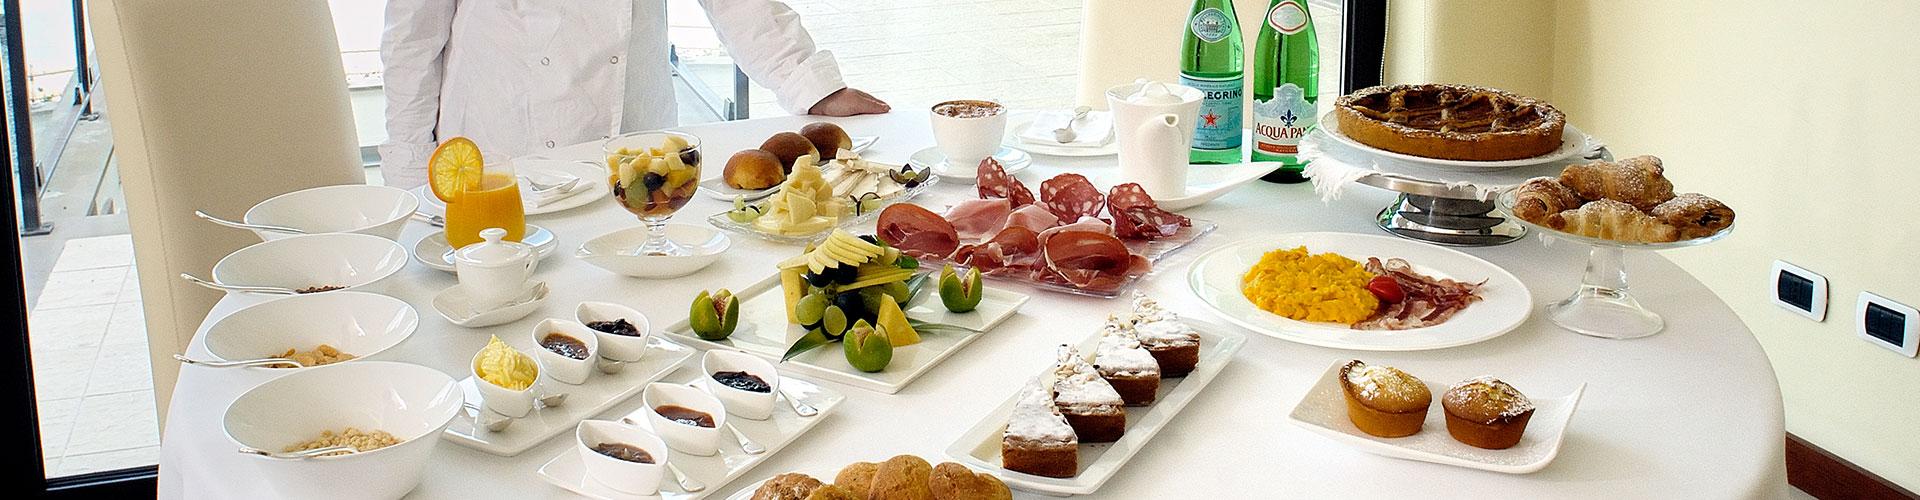 Un ricco buffet per la piccola colazione